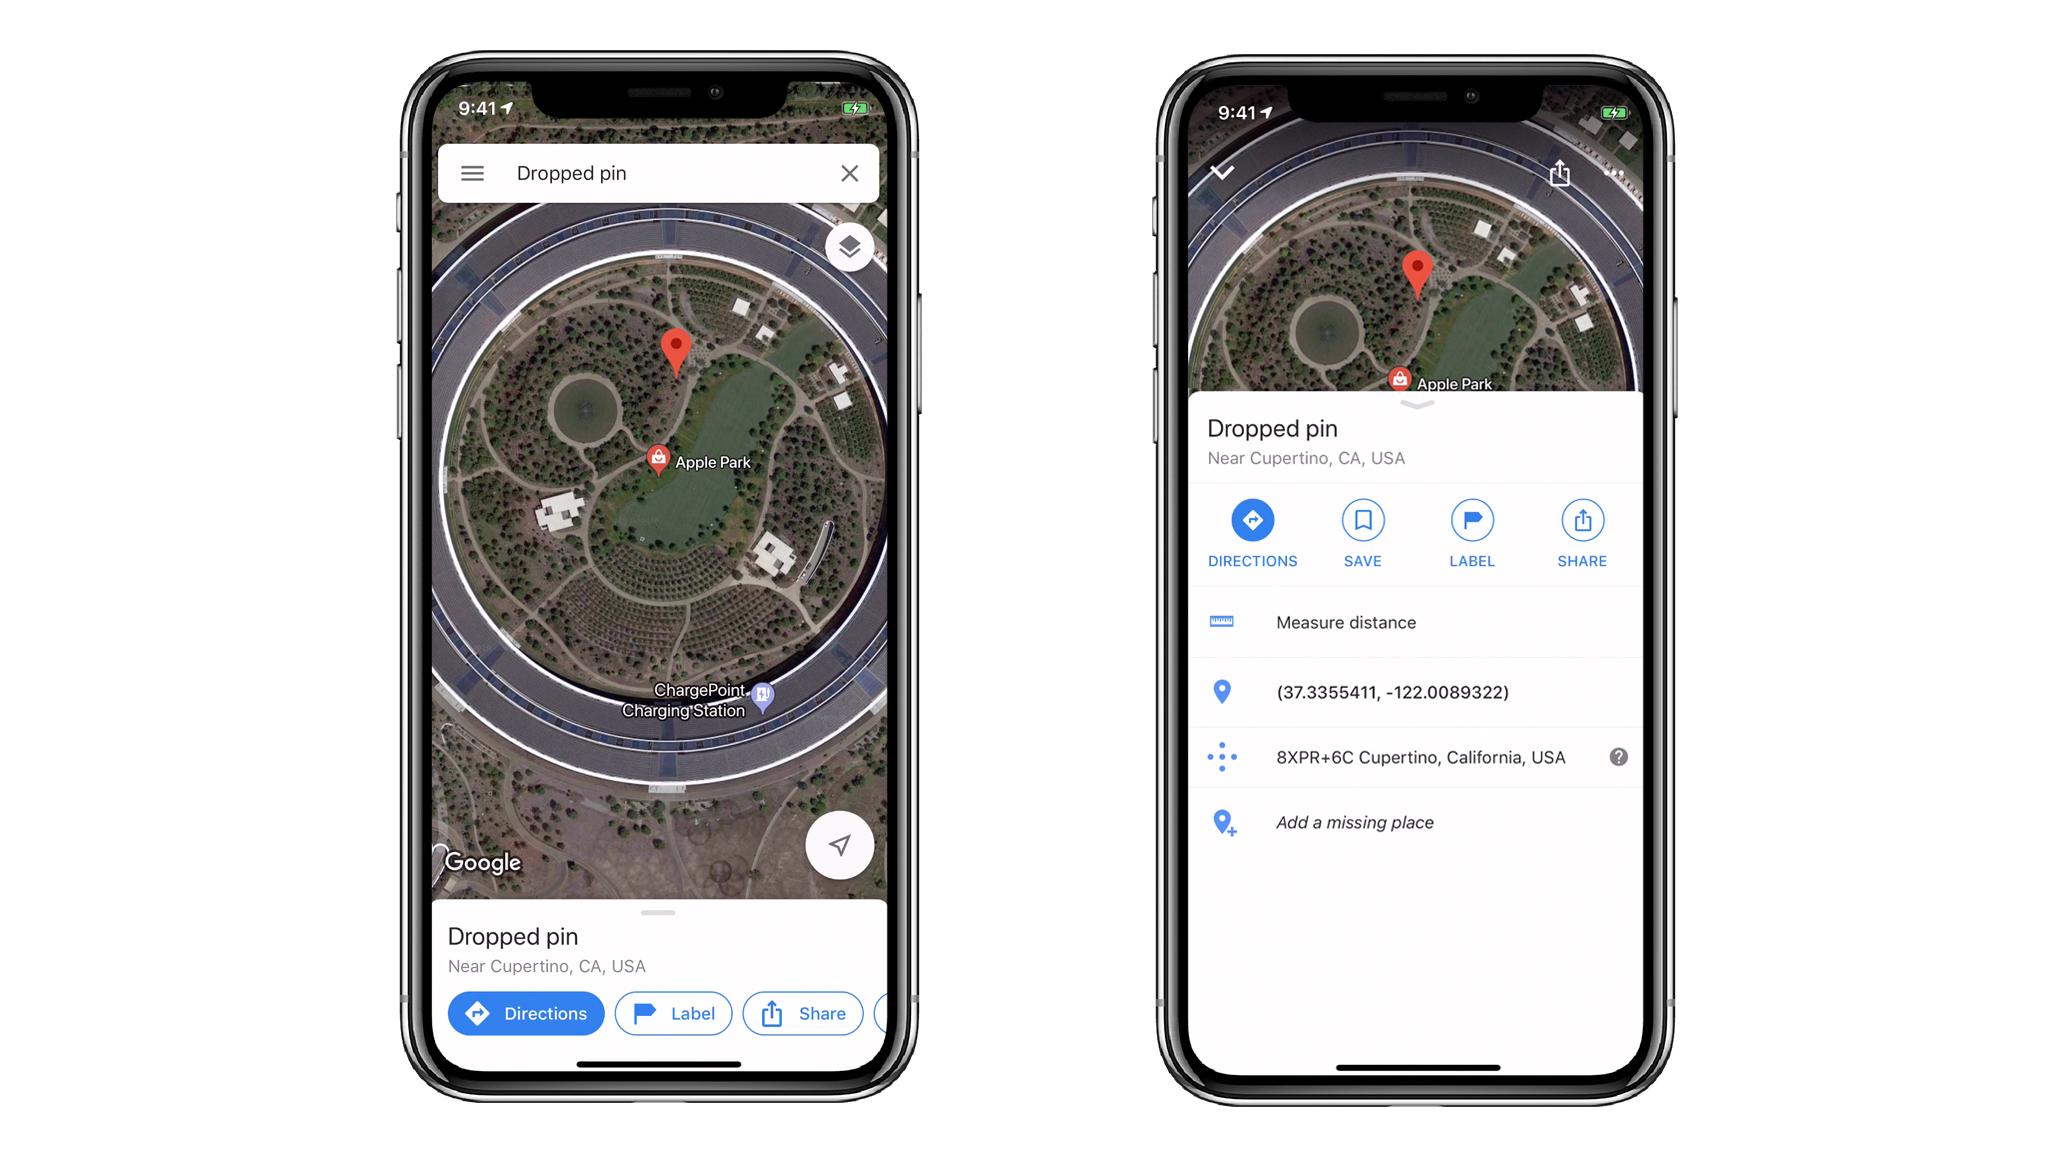 Gps aplikacija za iPhone aplikaciju